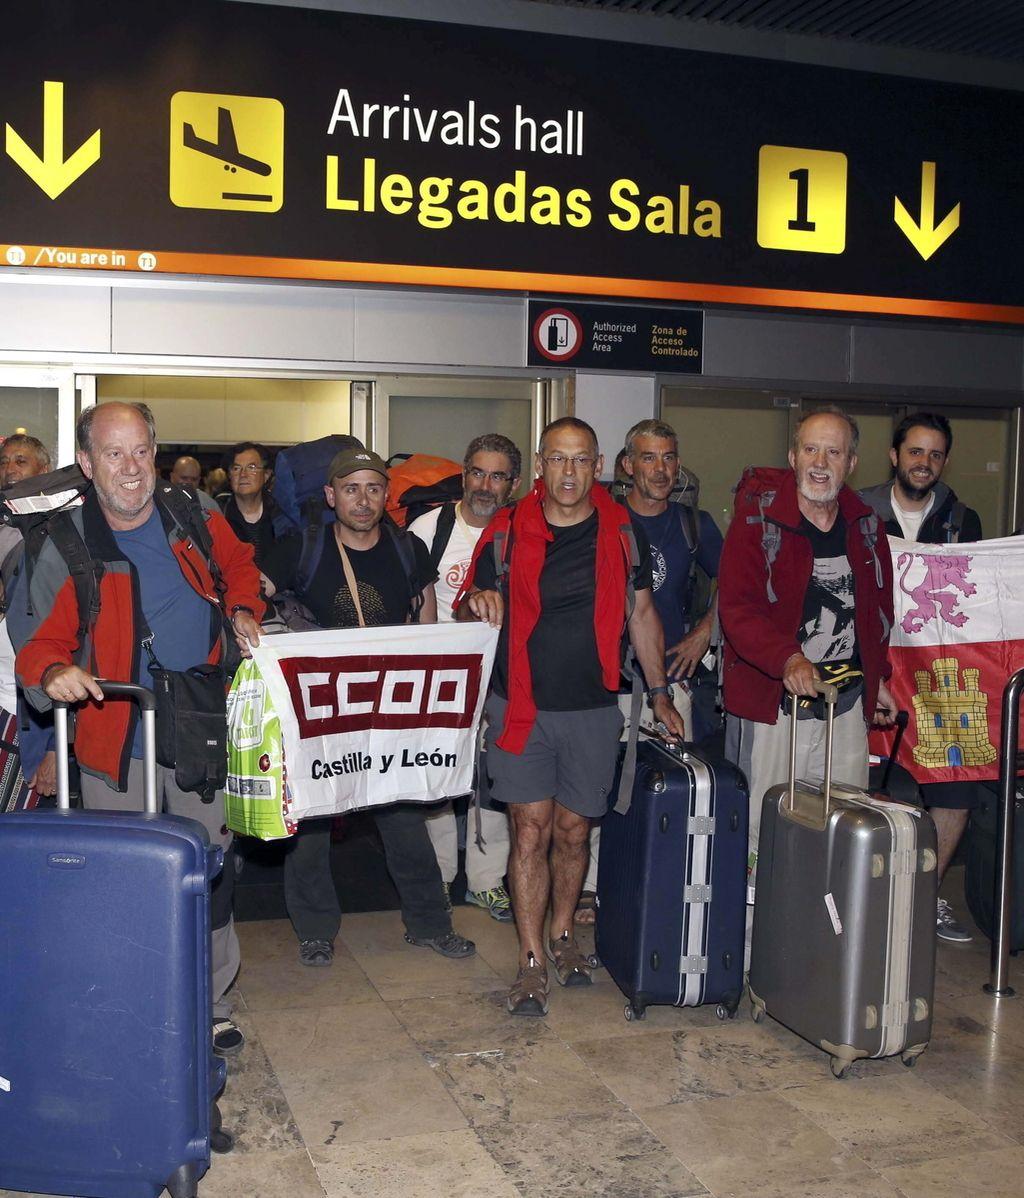 Regresan a España desde Katmandú 21 turistas de un viaje organizado por el ateneo de CCOO Castilla y León